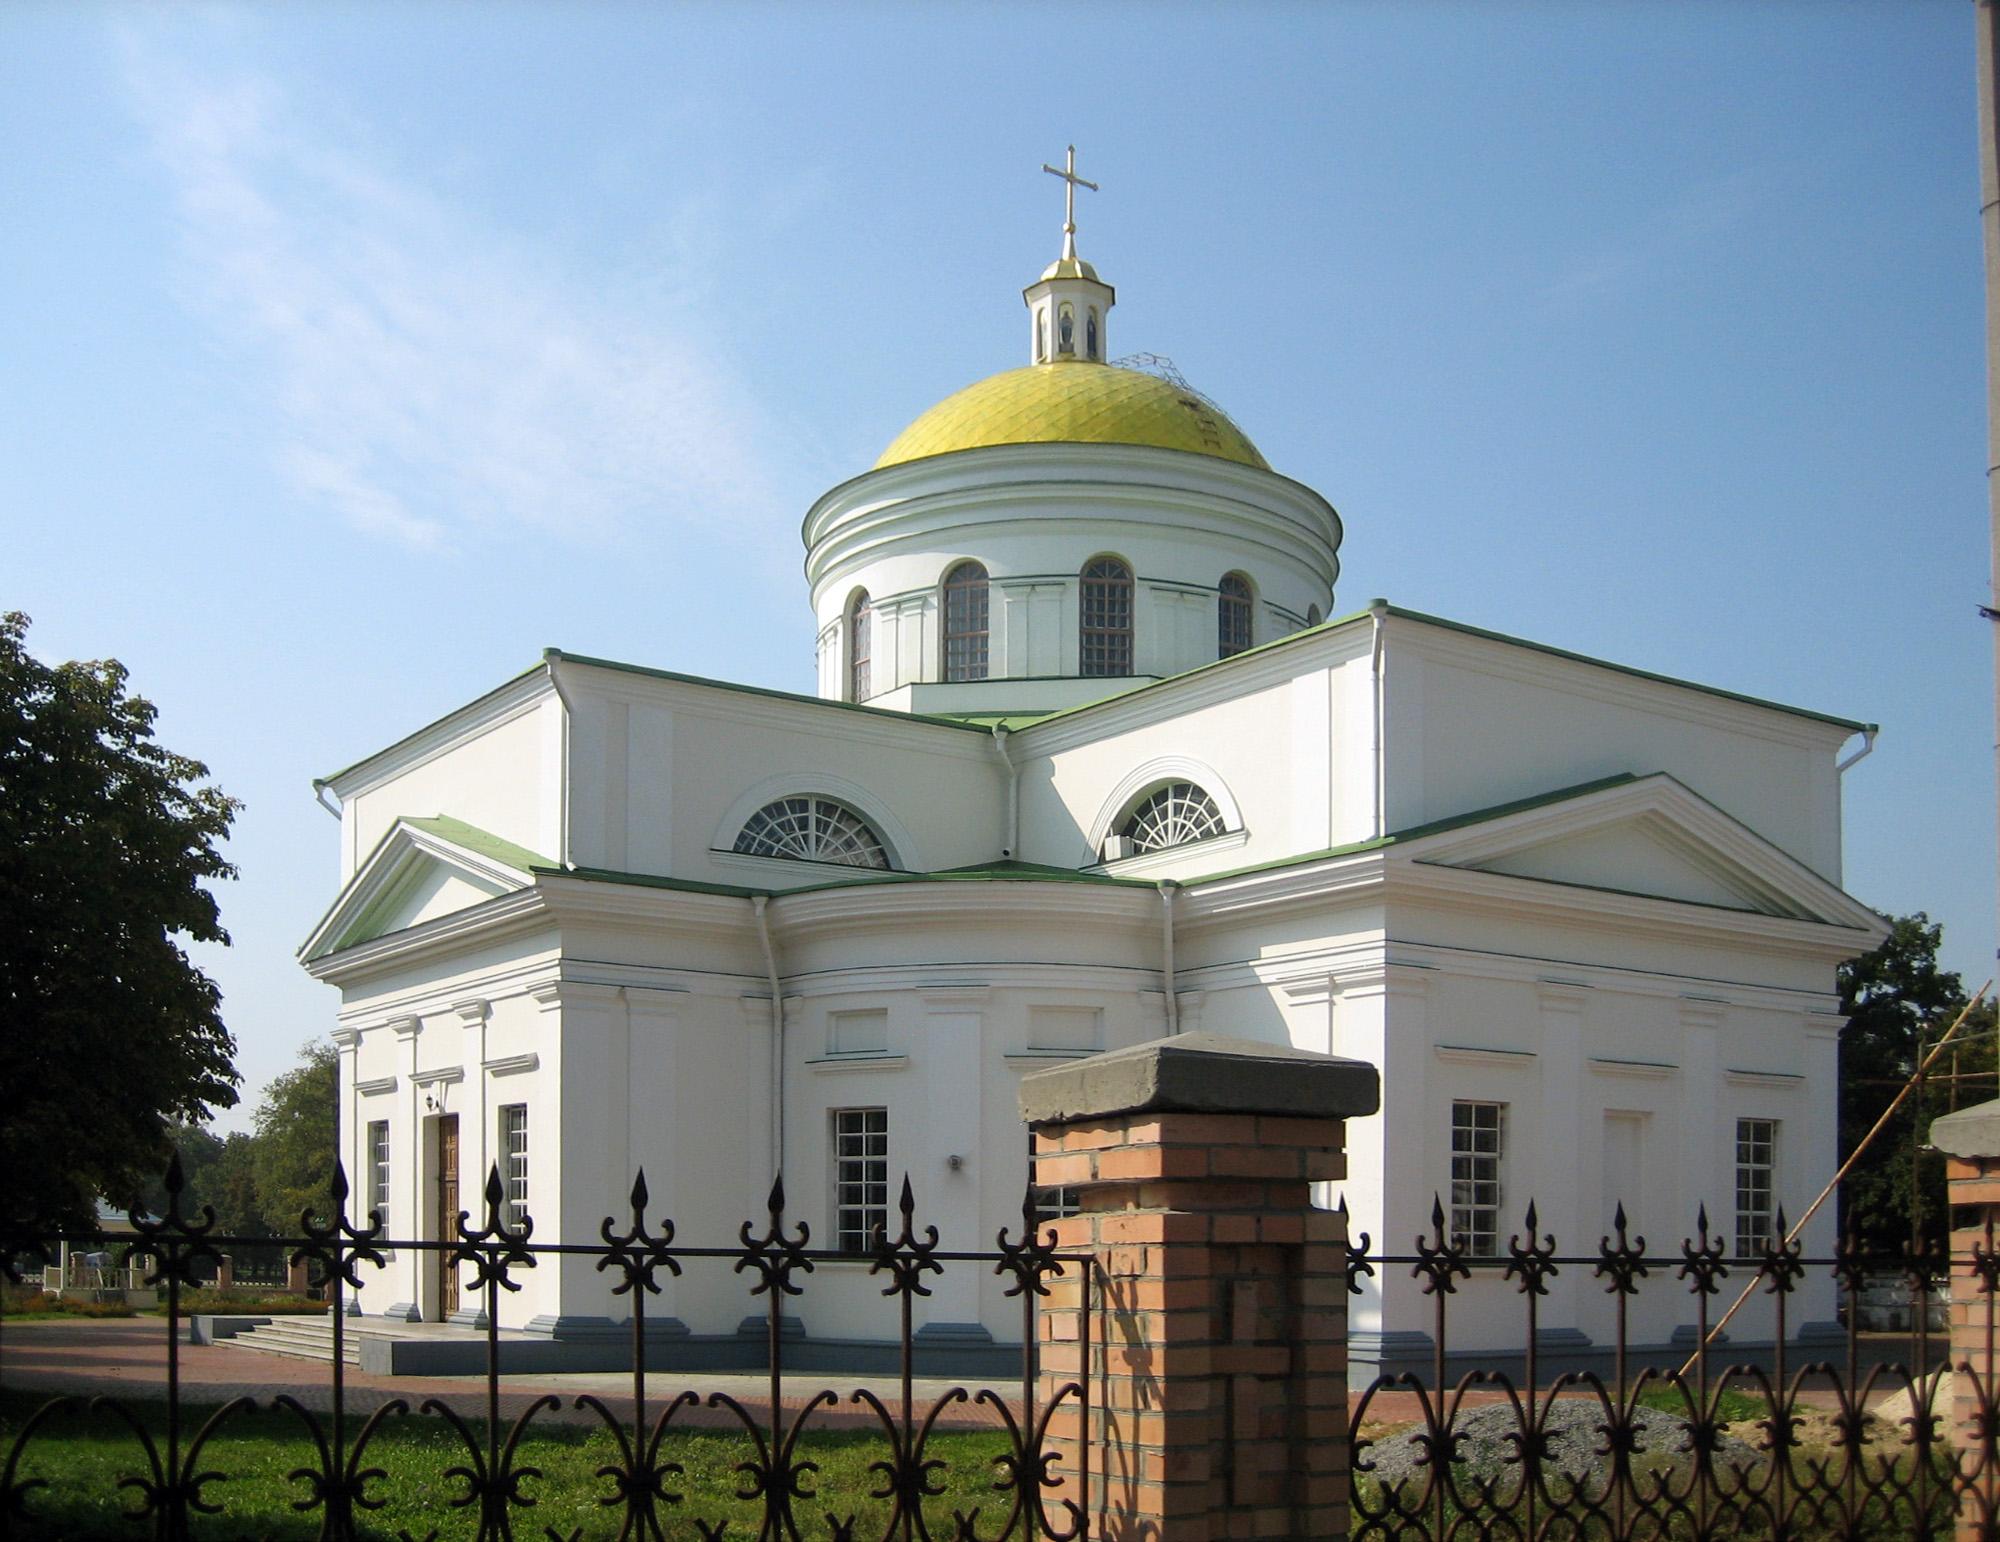 Белая церковь лицеи частные объявления стоимость услуги работы копрессора в н.новгороде